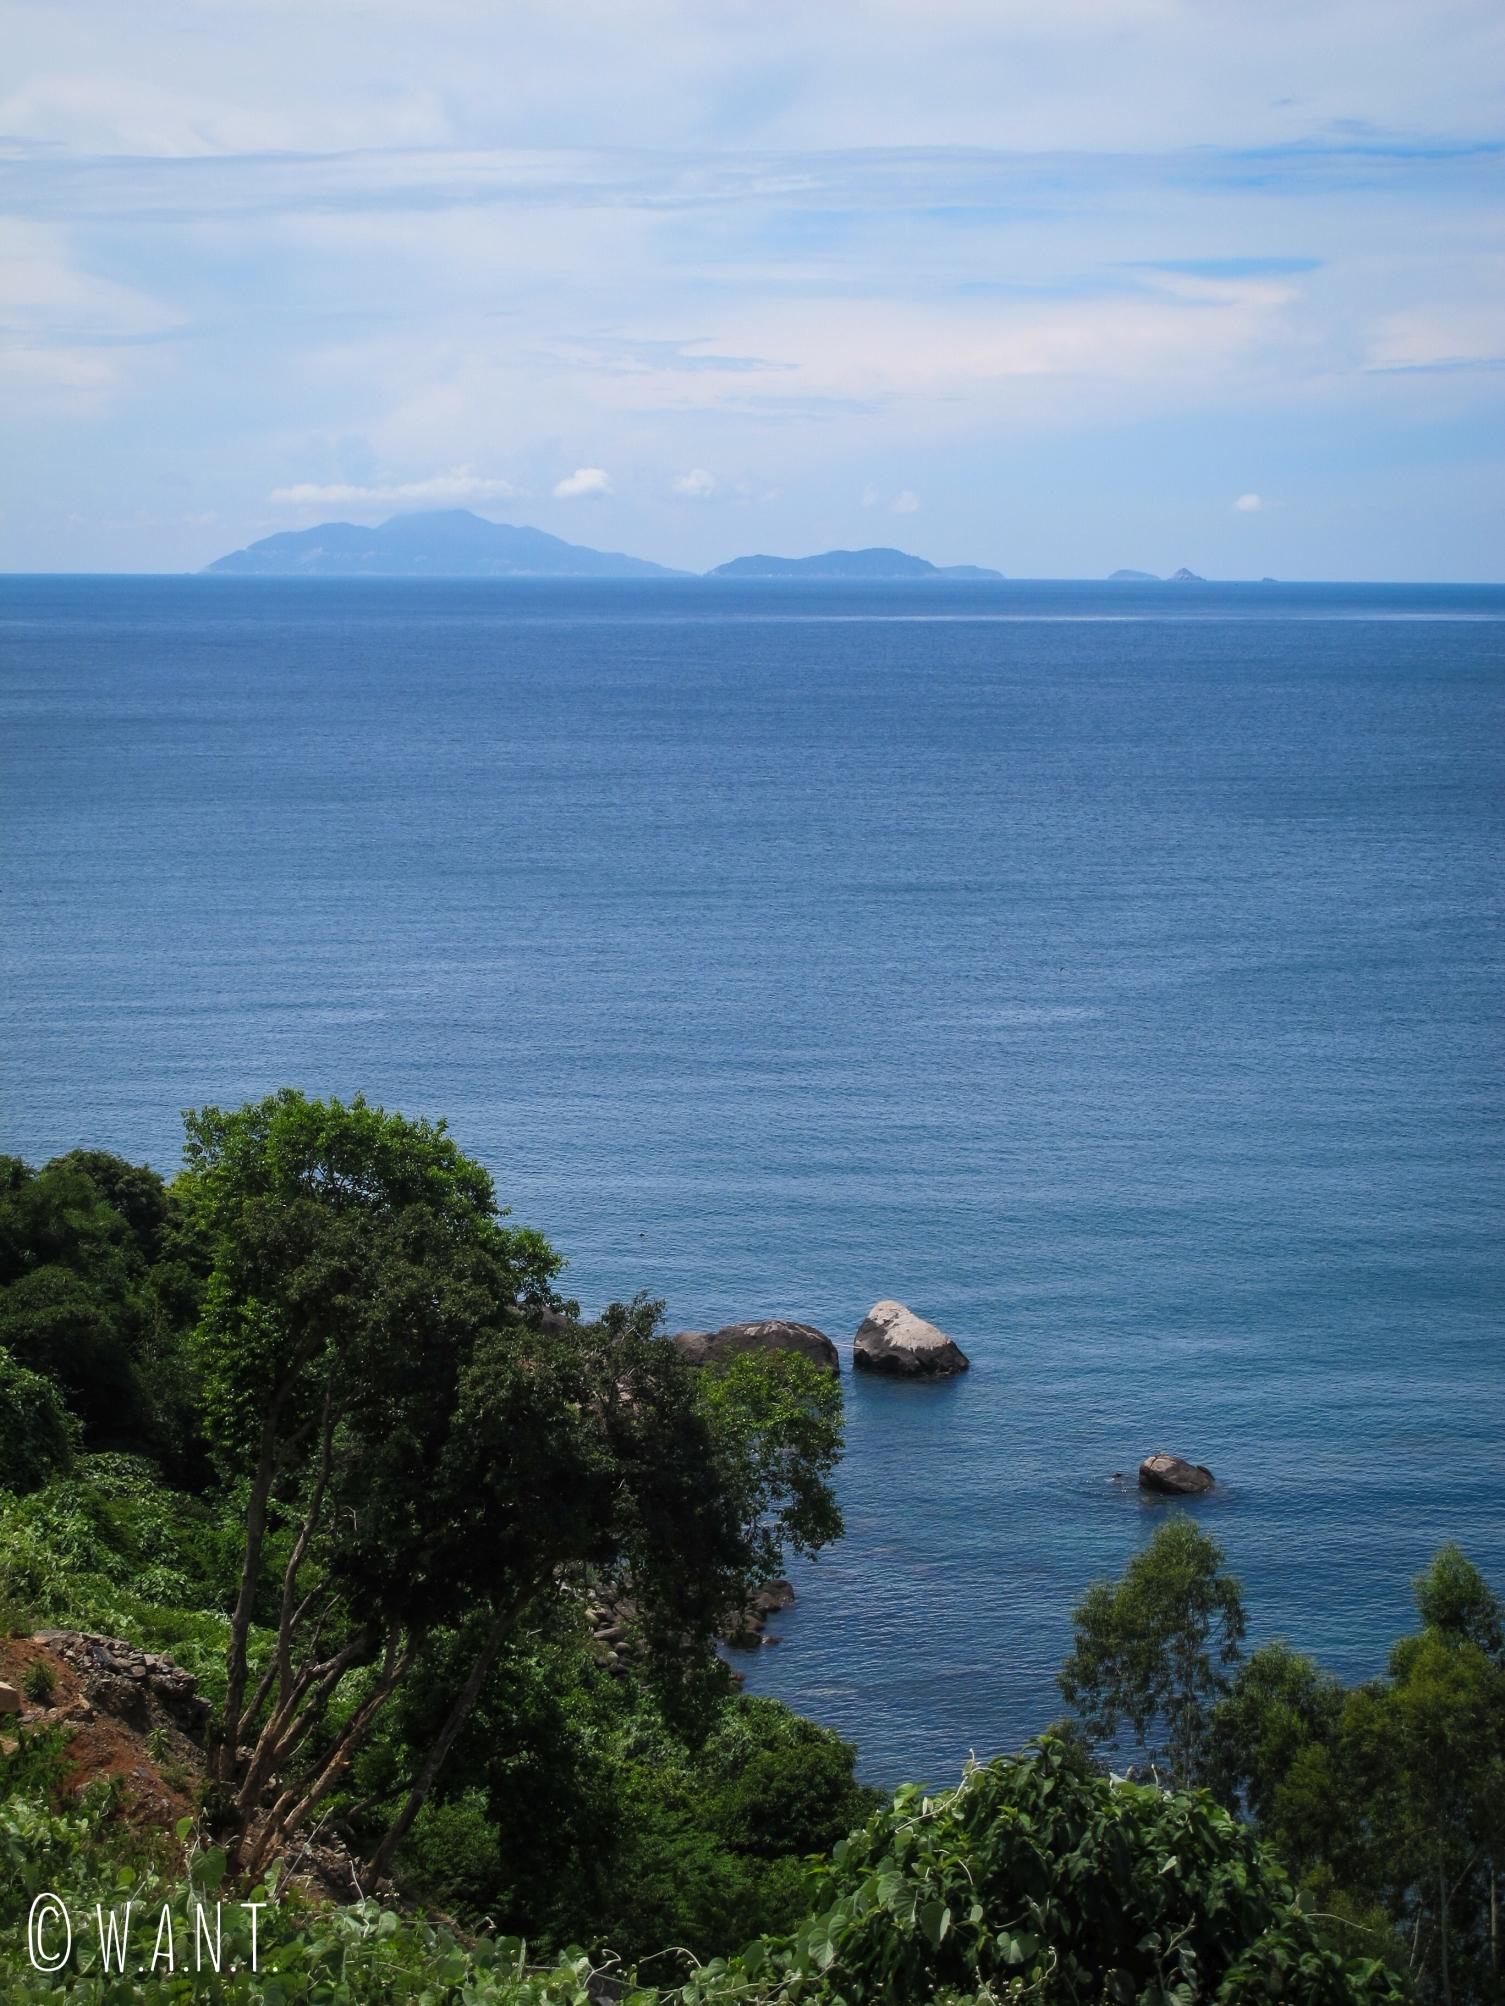 Vue sur les îles Cham depuis la presqu'île de Son Tra à Da Nang